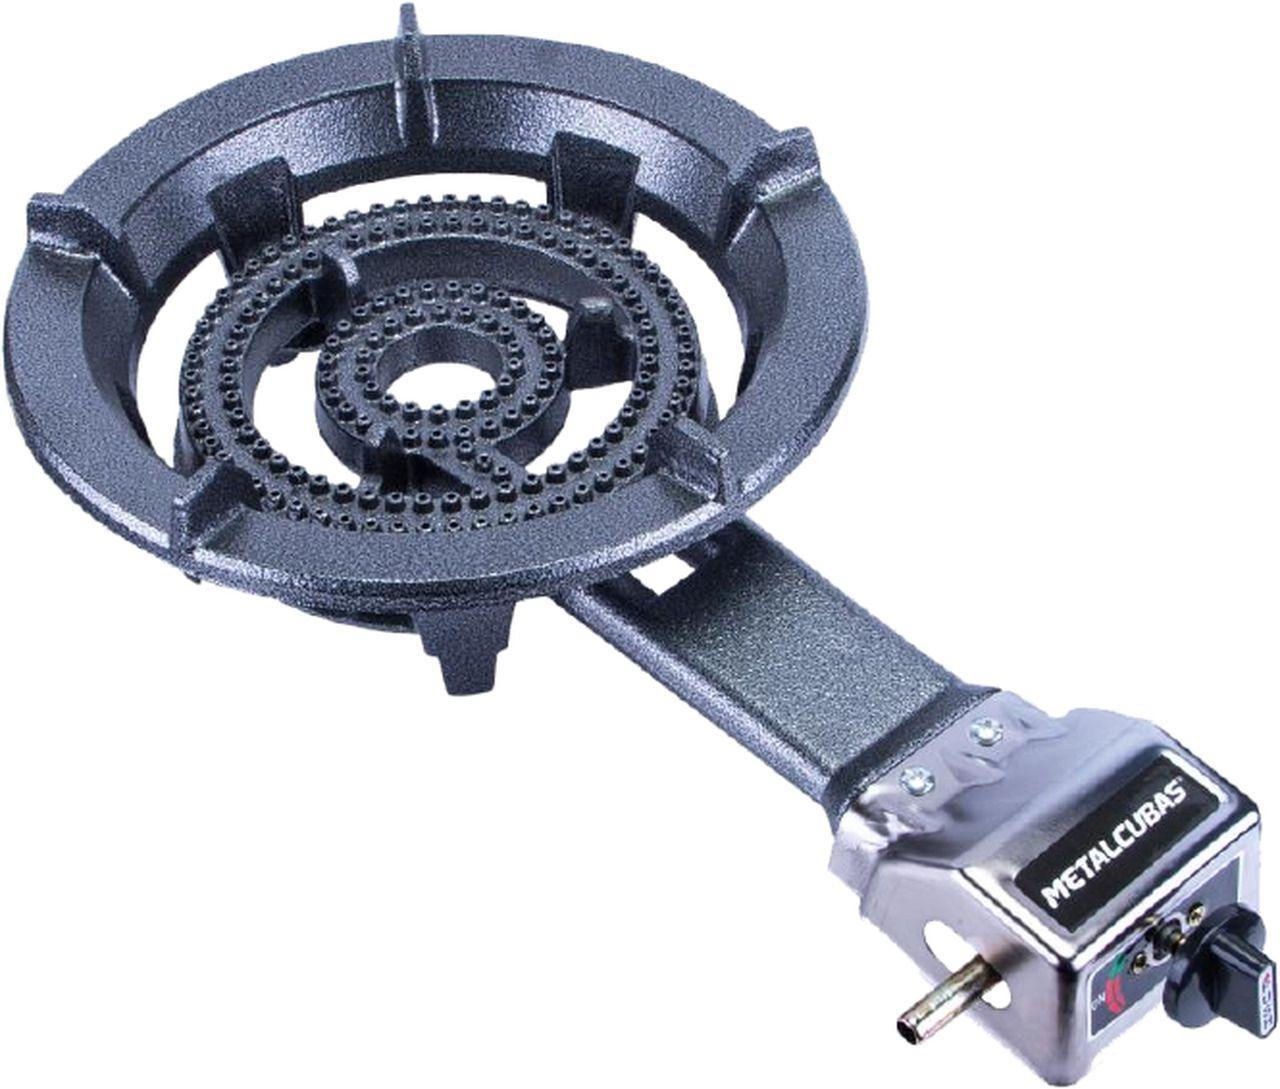 Fogareiro Acendimento Automático FM 345 Metalcubas